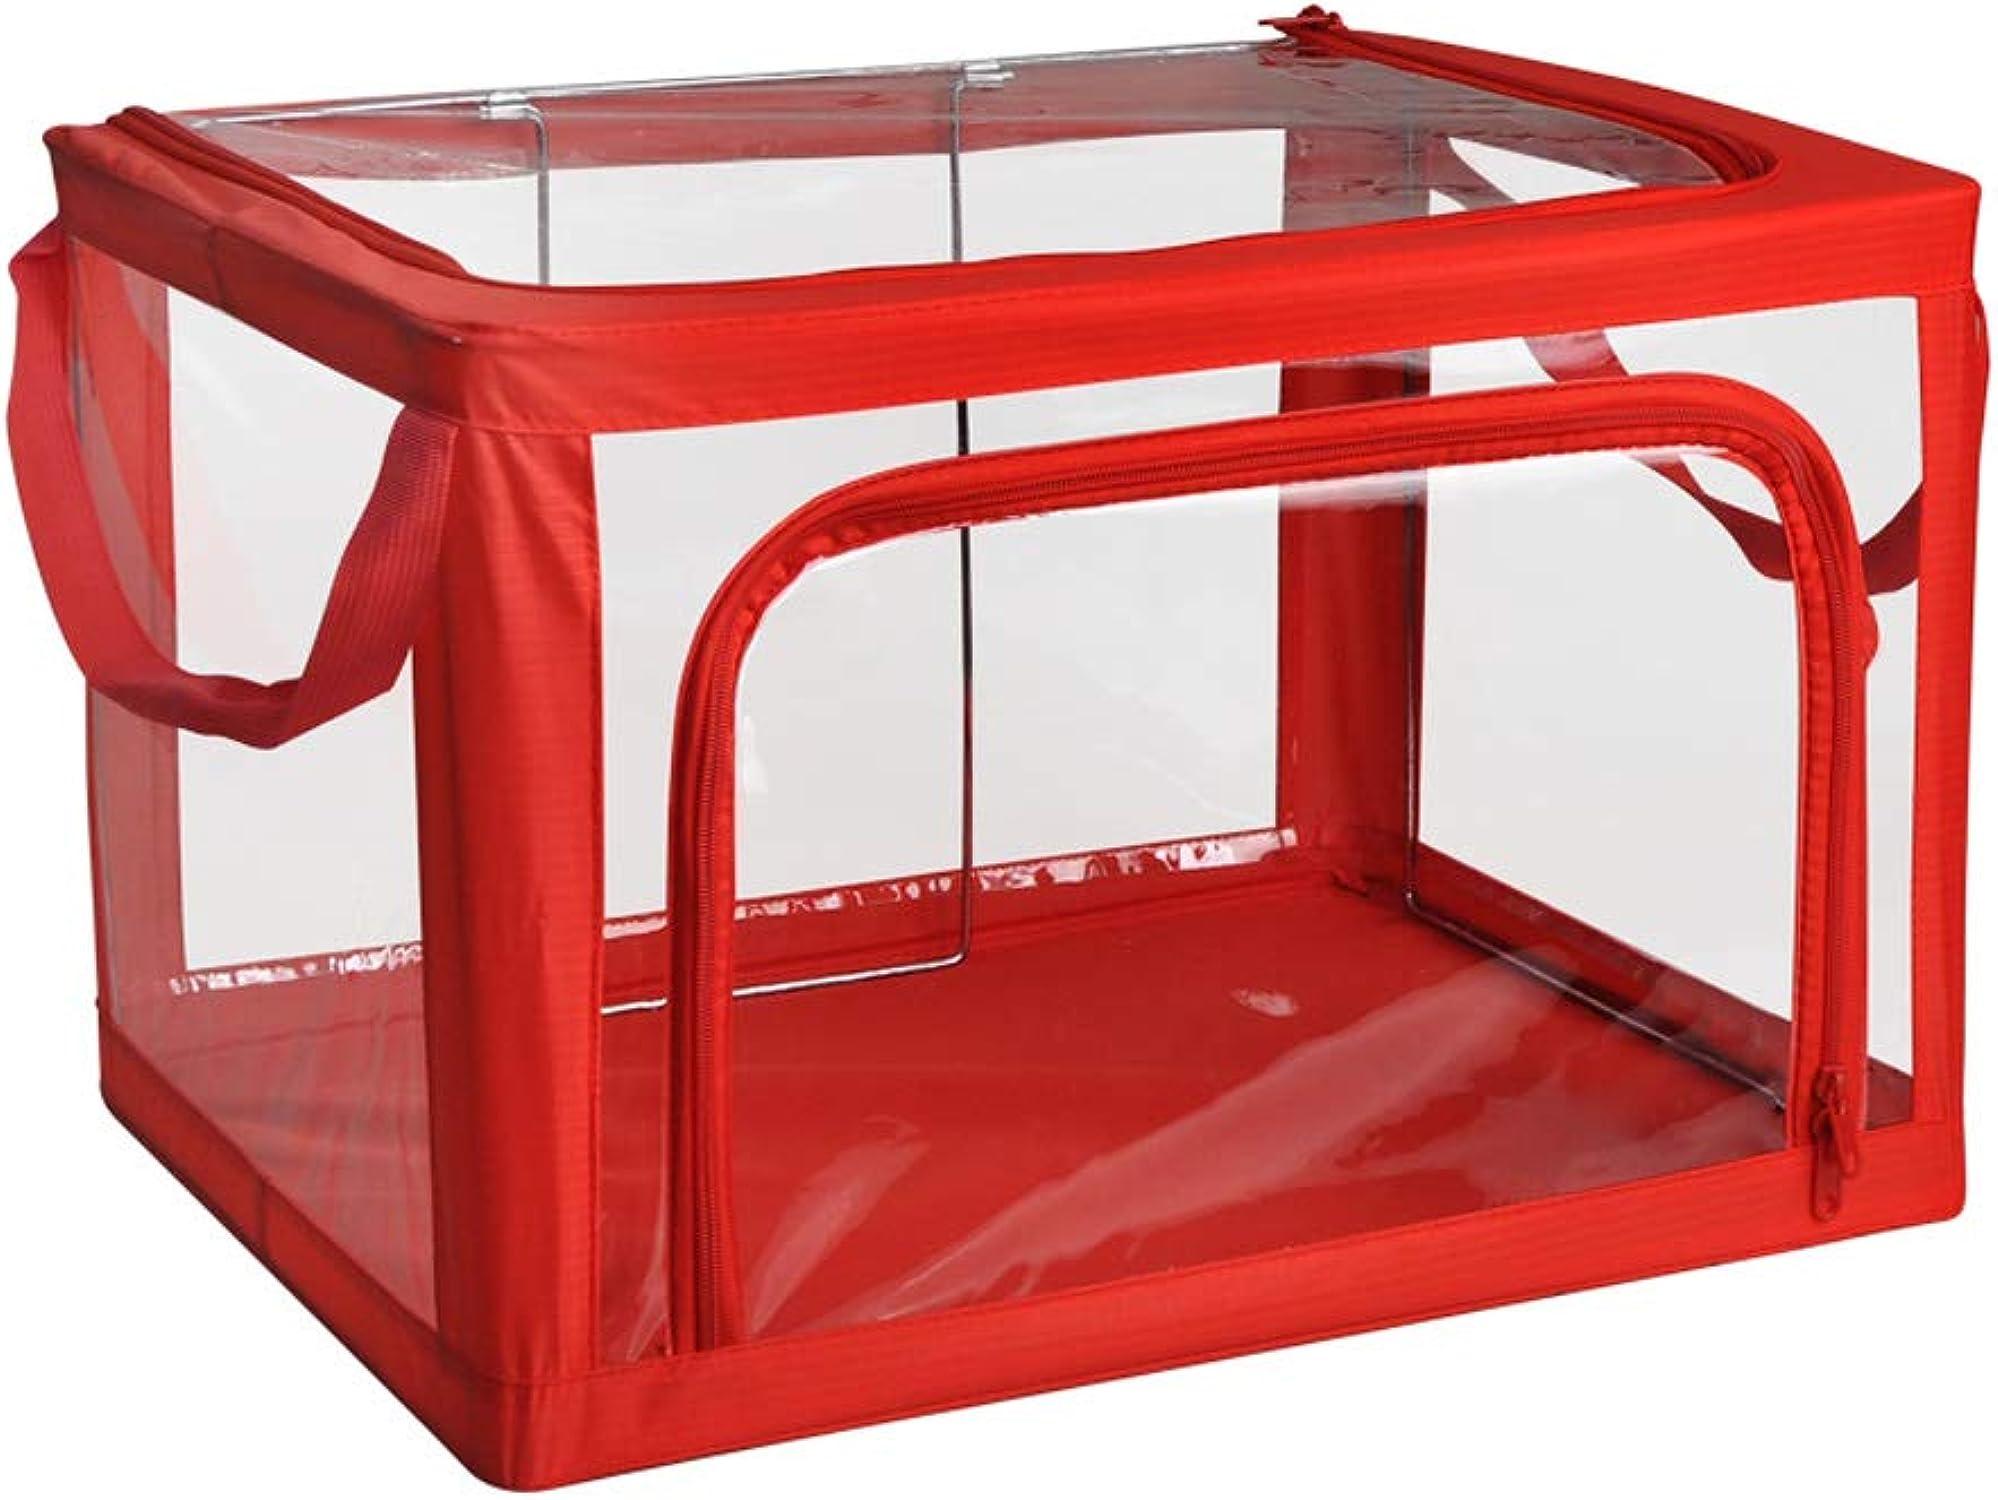 bienvenido a comprar MJB Caja de Almacenamiento Plegable Transparente de la la la Ropa, Caja de Almacenamiento de Acero del pao de Oxford, guardarropa, cabecera (Color   rojo)  despacho de tienda